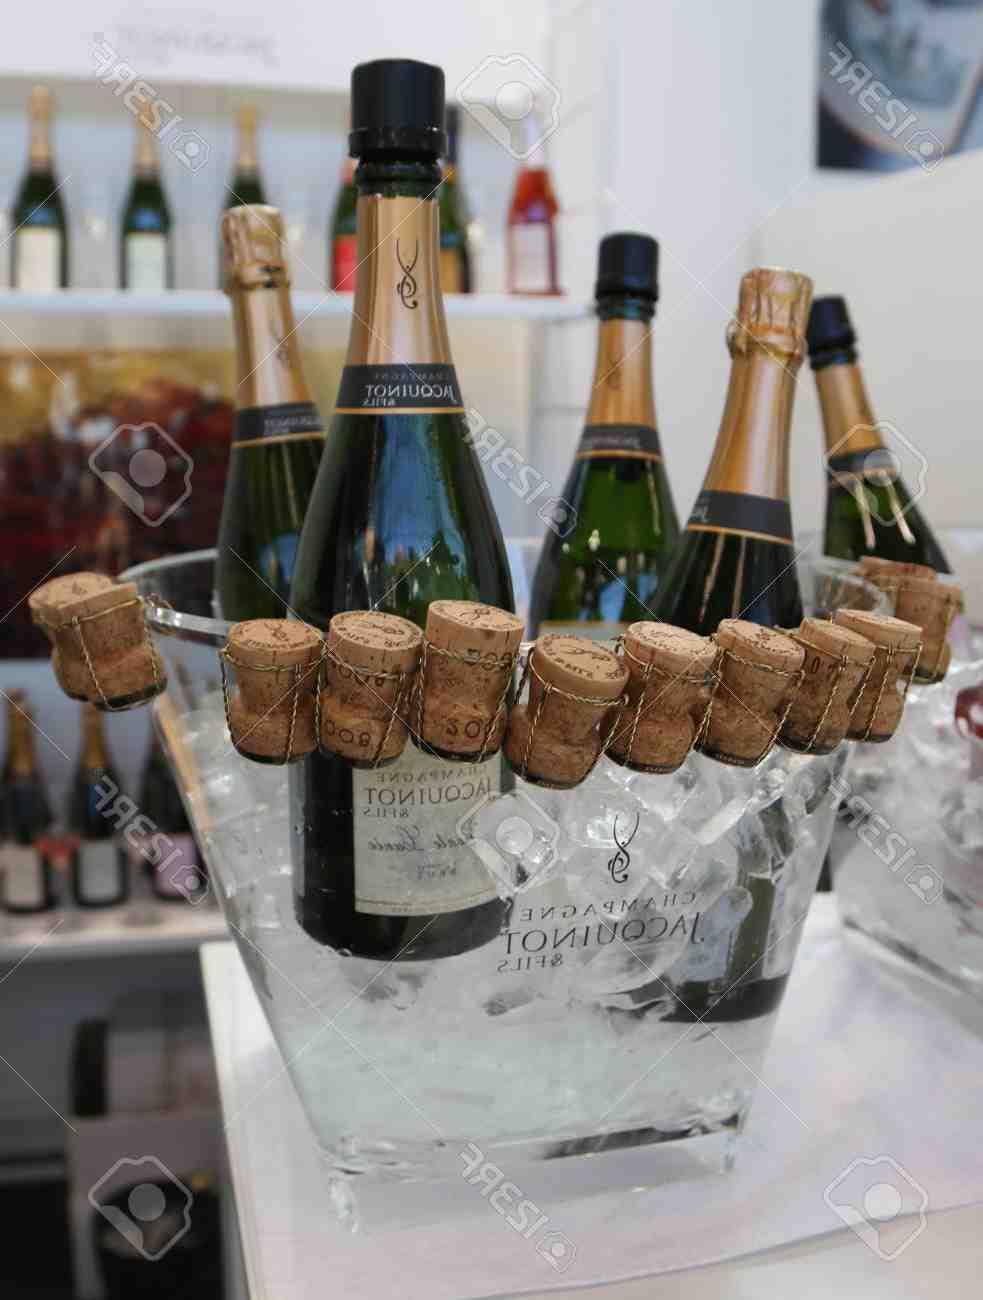 Qu'est-ce qu'il y a dans le champagne ?